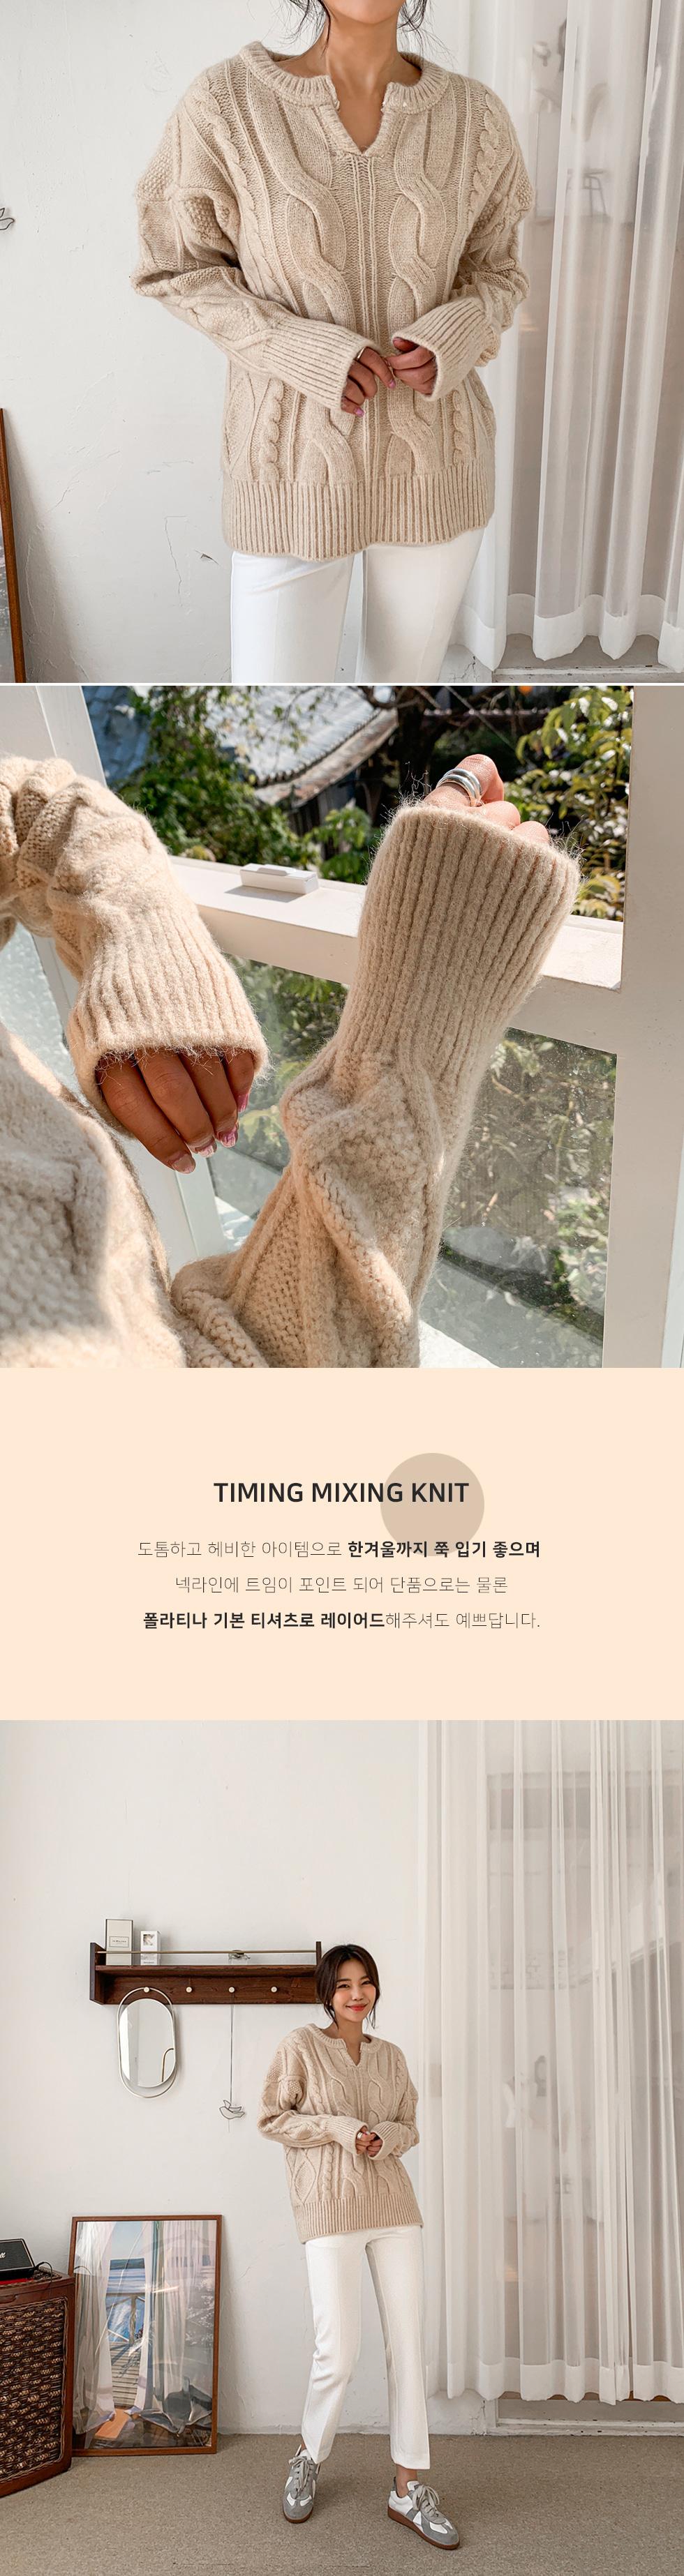 Knitted Slit Knitwear